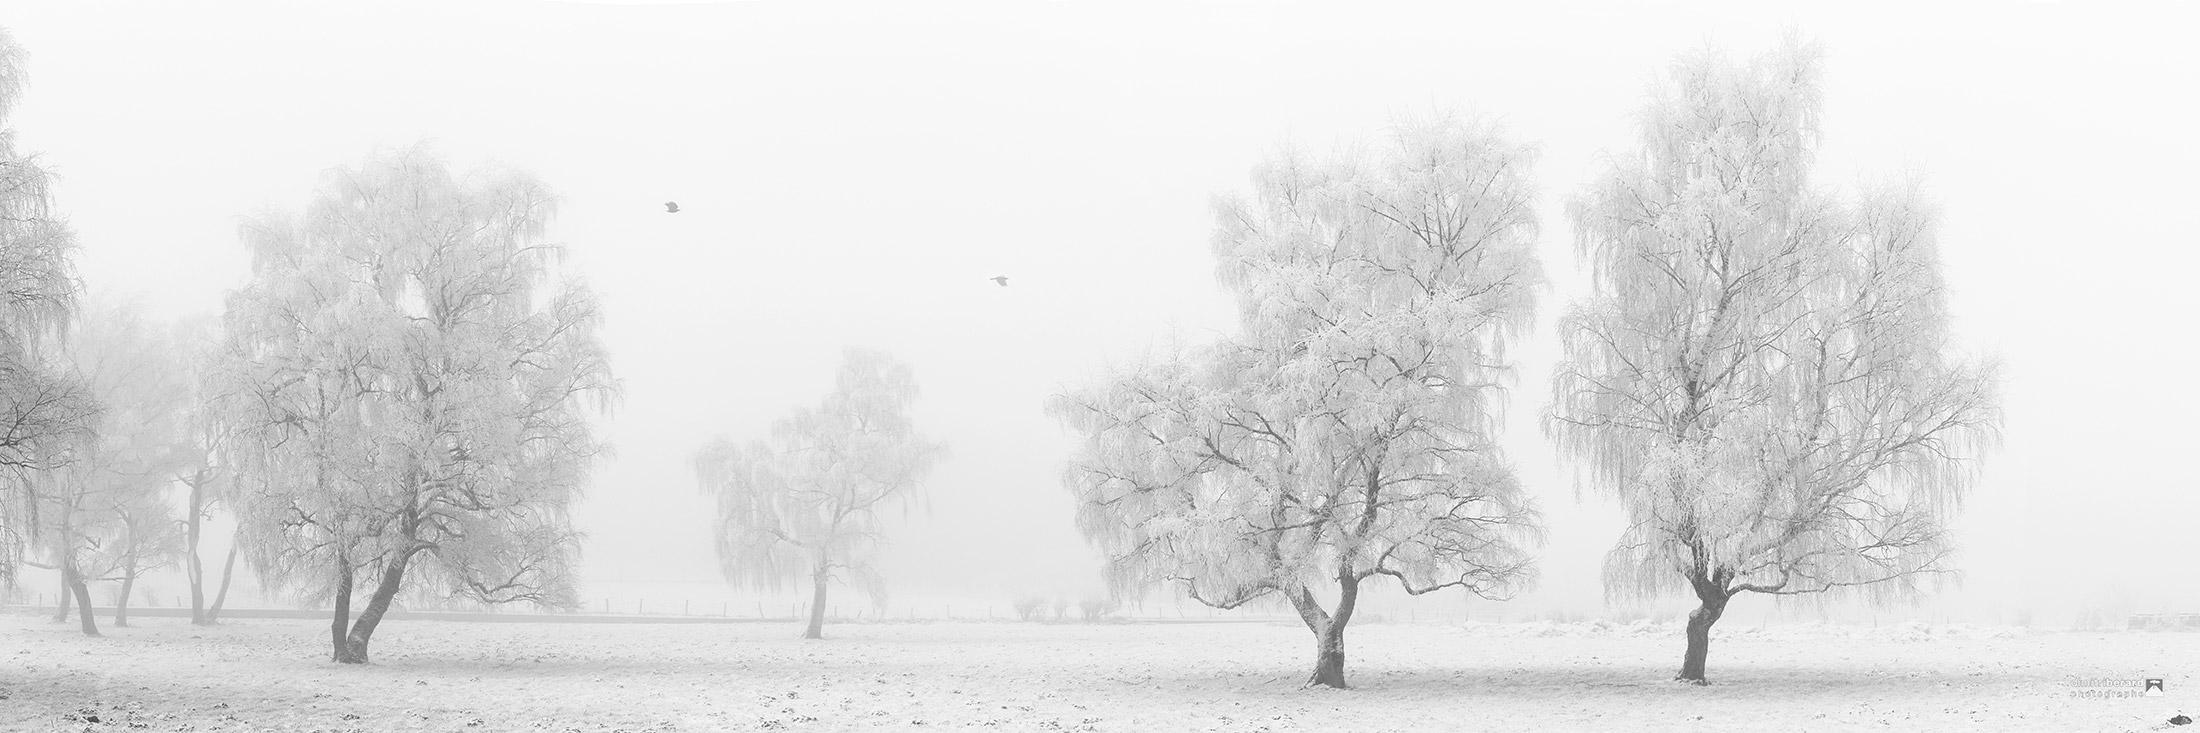 arbres-givrés-corbeaux